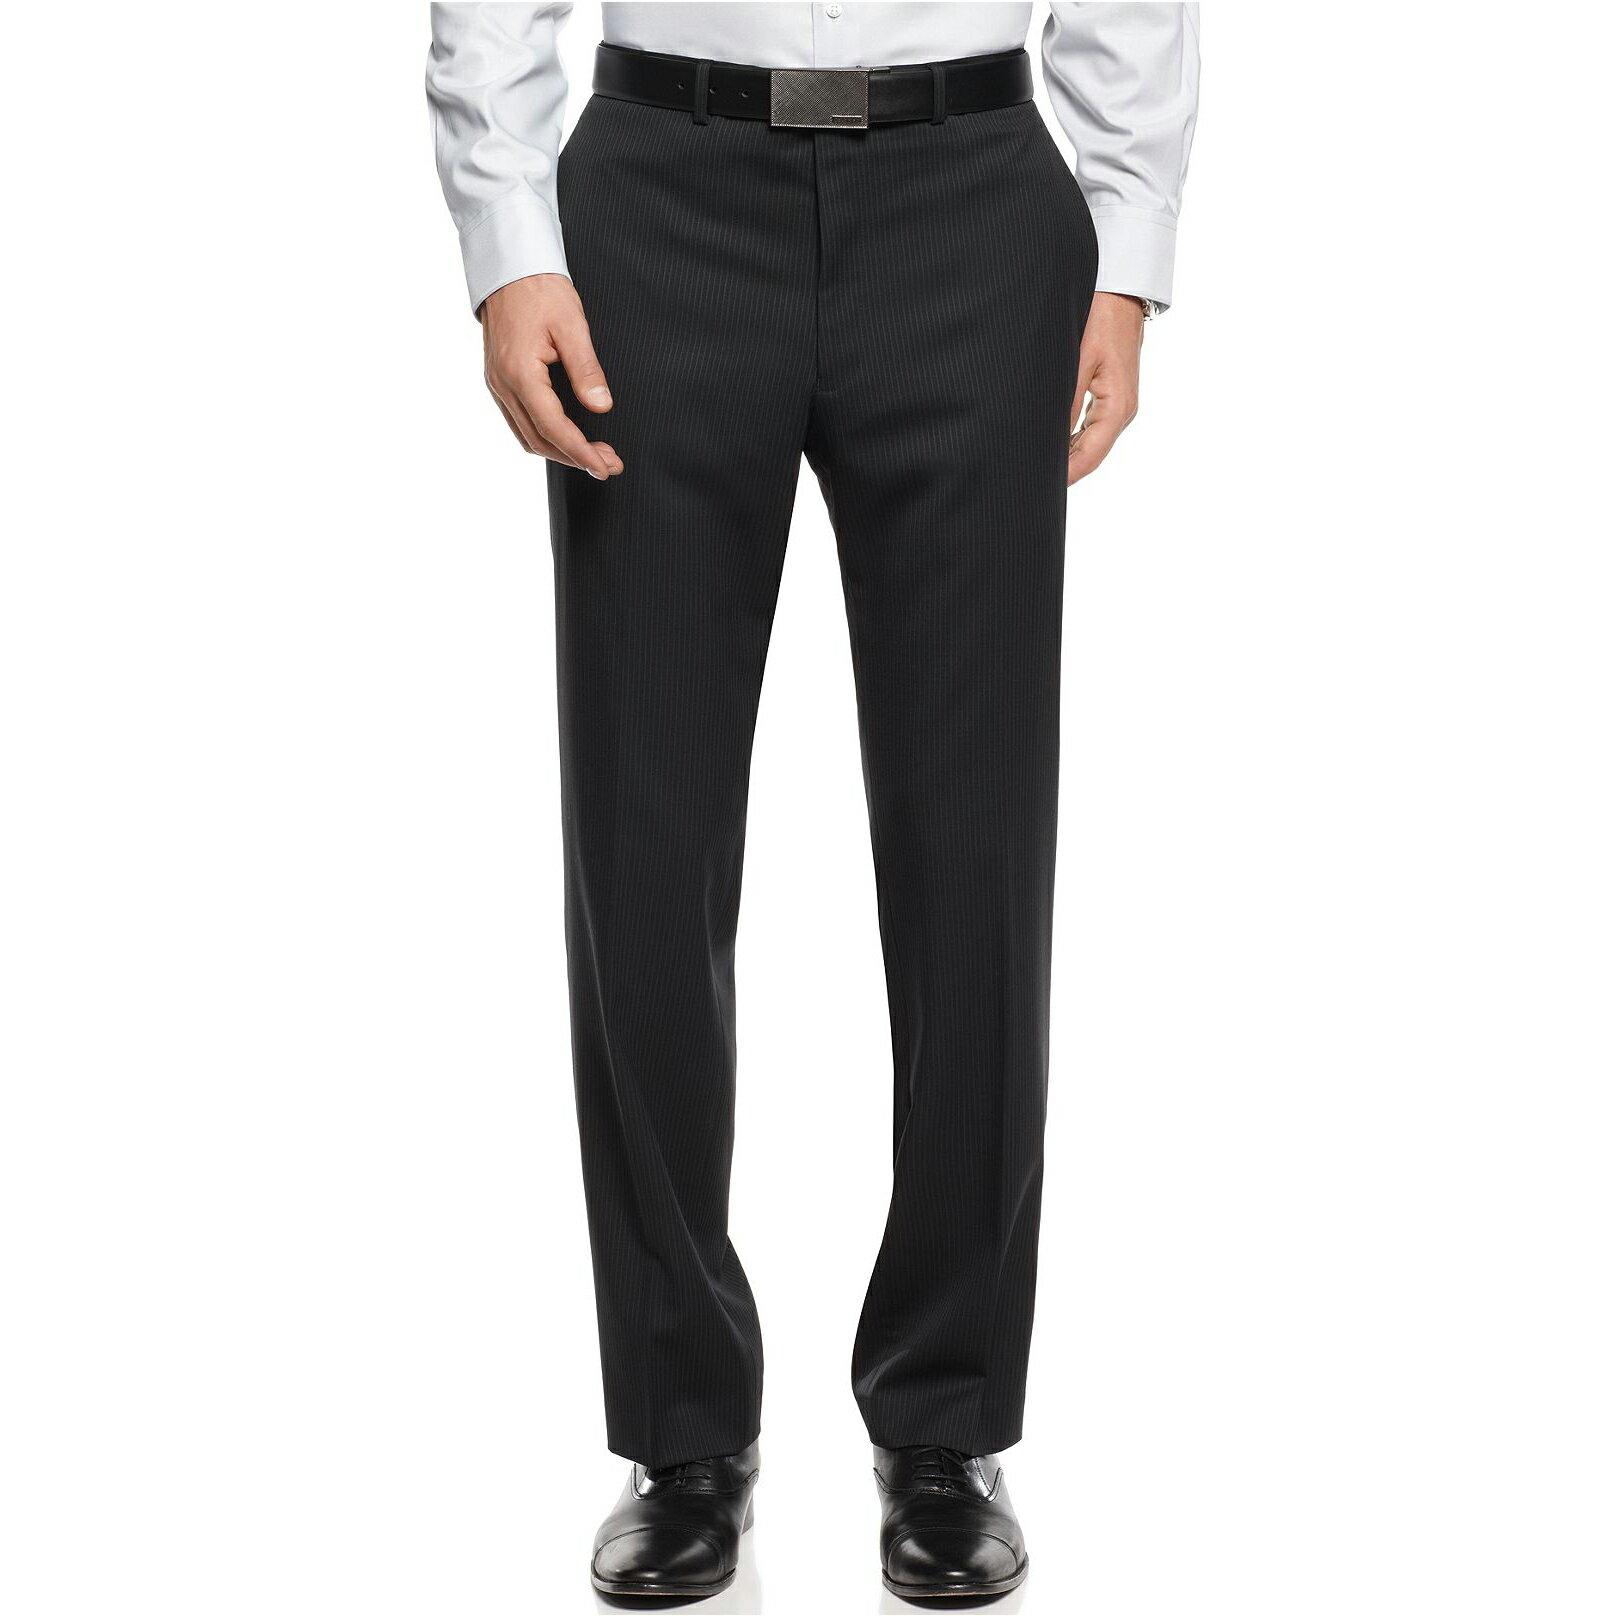 美國百分百【全新真品】Calvin Klein 長褲 西裝褲 直筒褲 上班 休閒 合身 窄 黑 條紋 31 32腰 E217